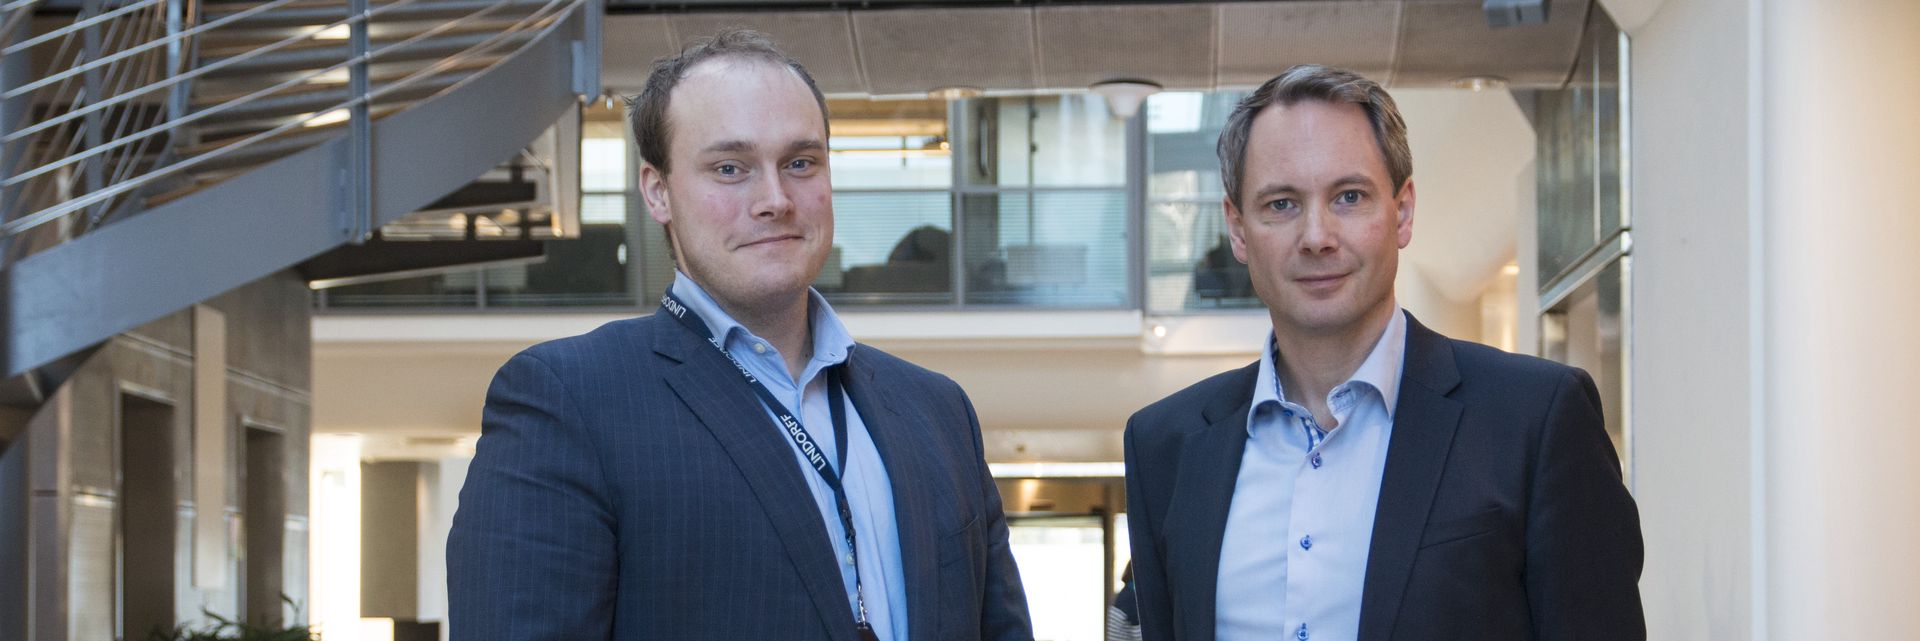 Eirik Erstad, salgssjef i Lindorff (t.v.) og Erik Haugen, direktør for forretningsutvikling og innovasjon